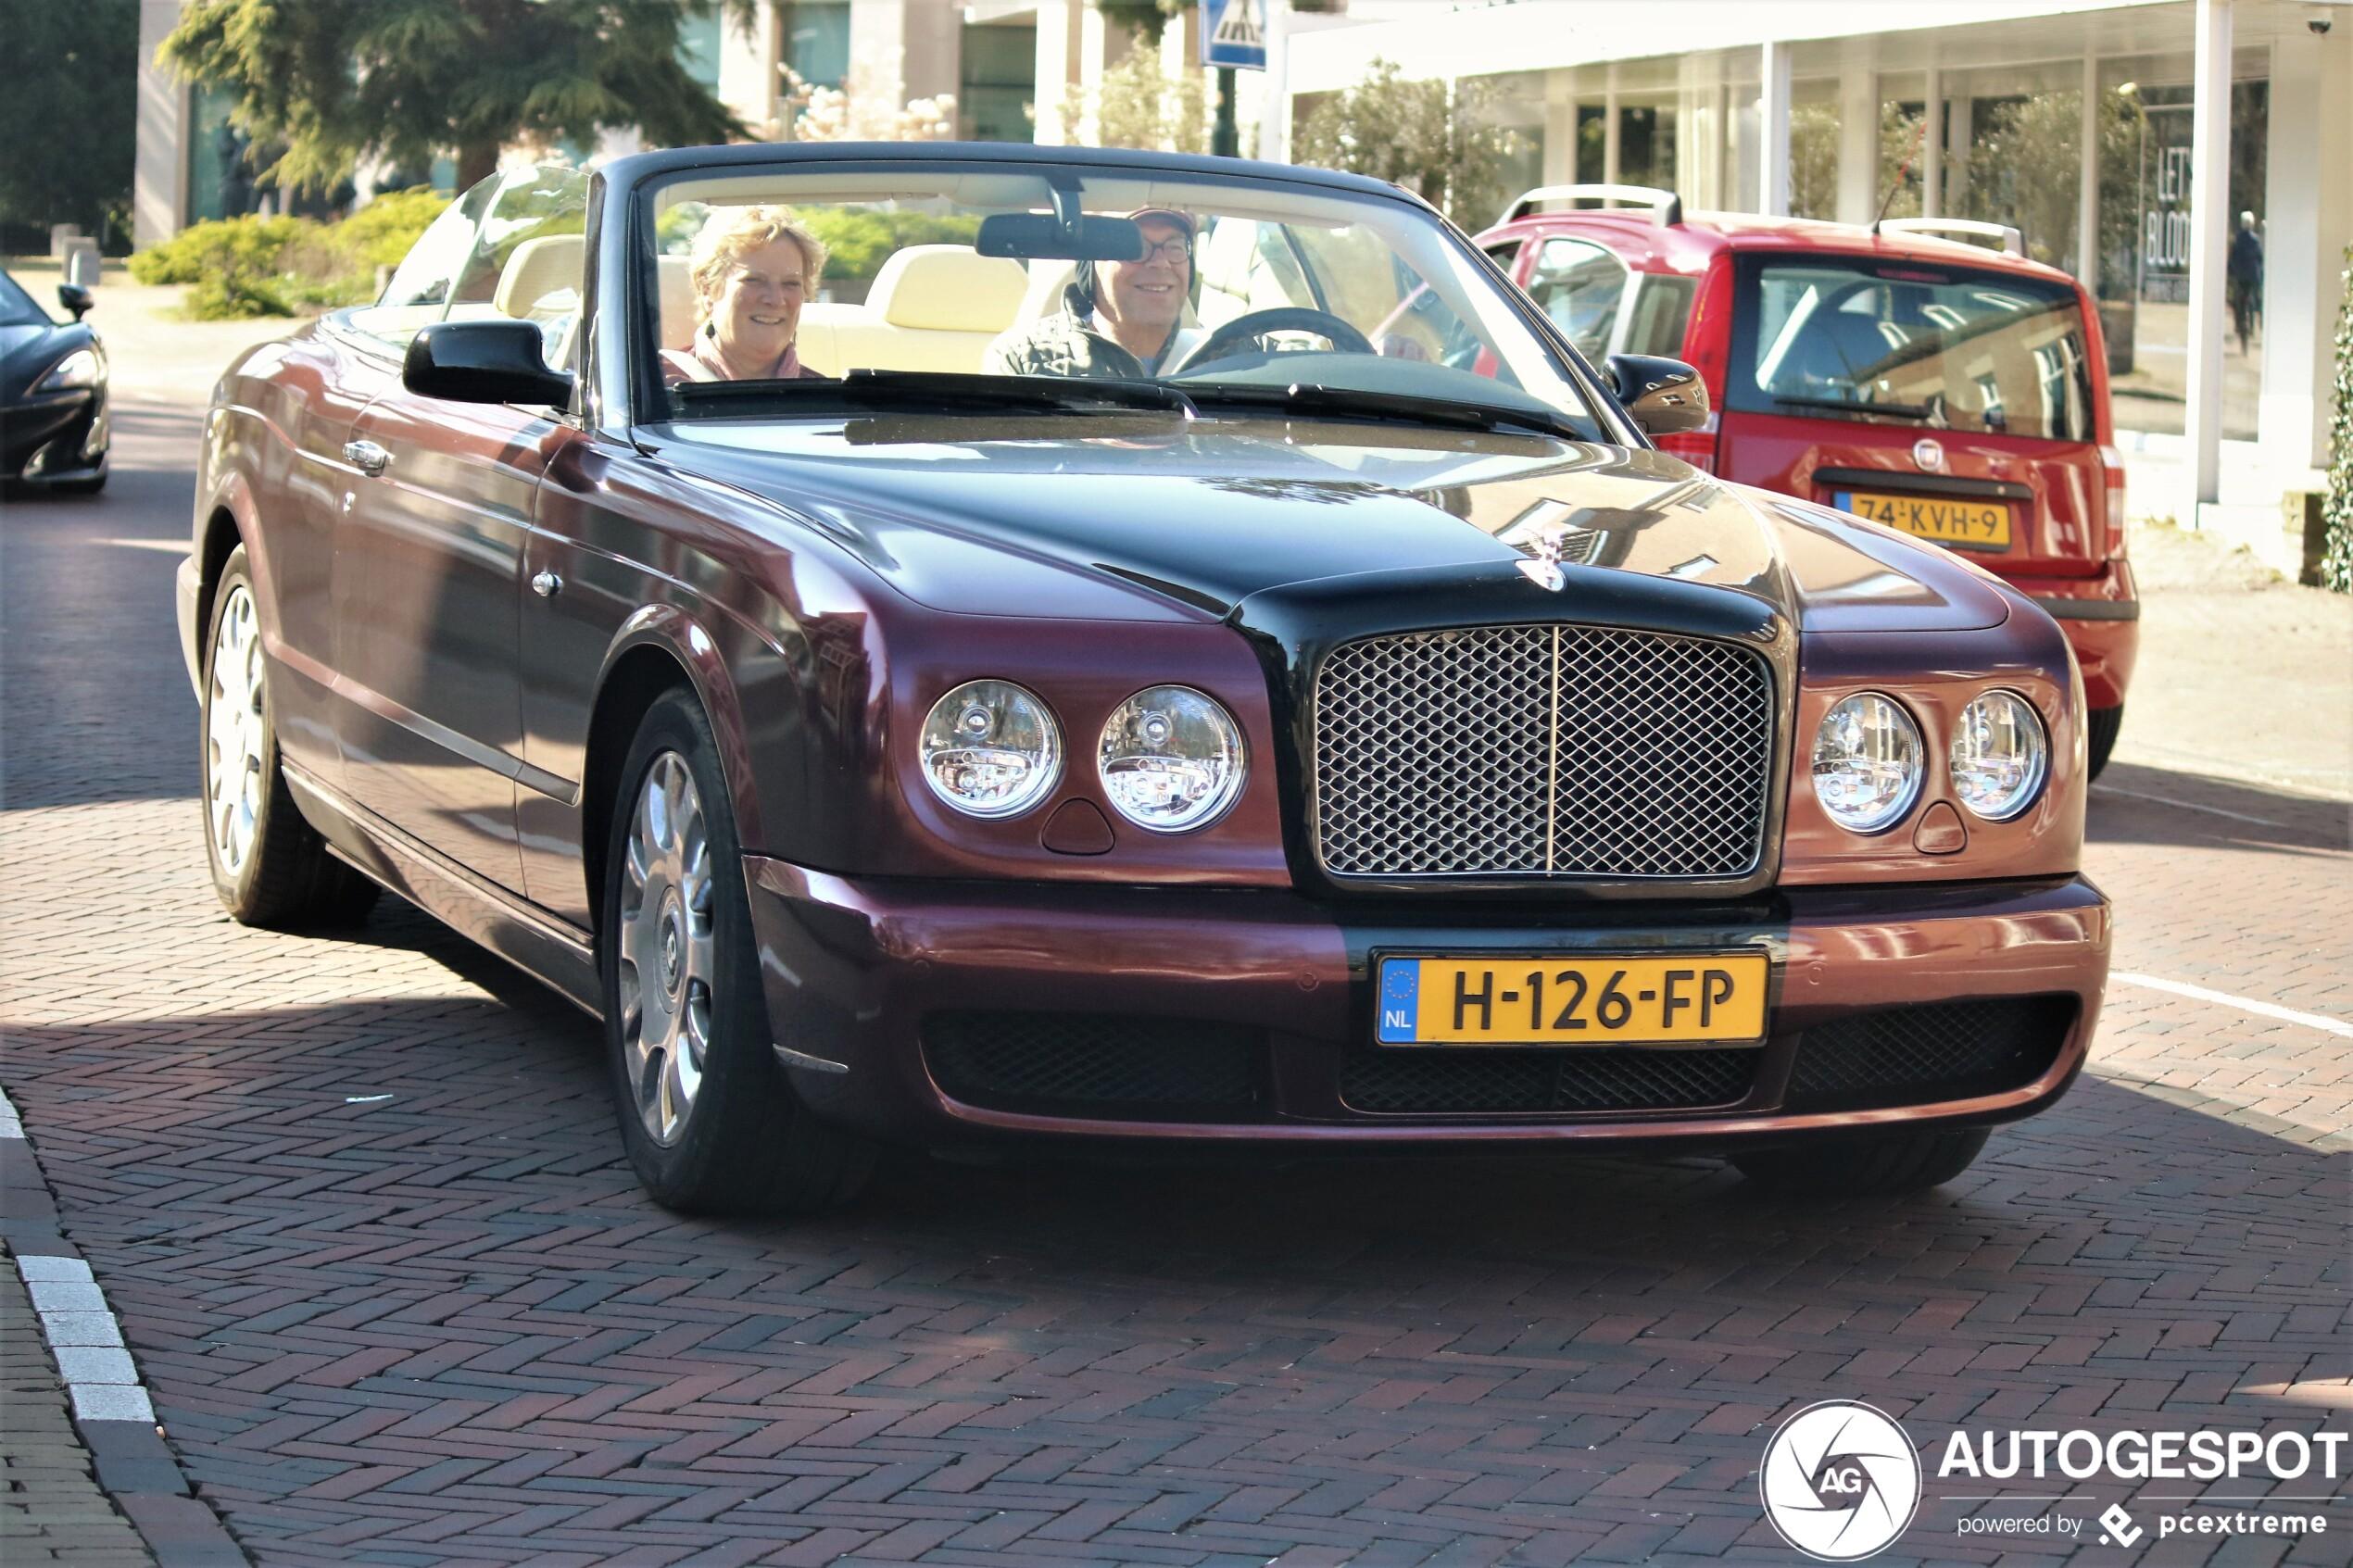 Inzittenden genieten duidelijk van Bentley Azure